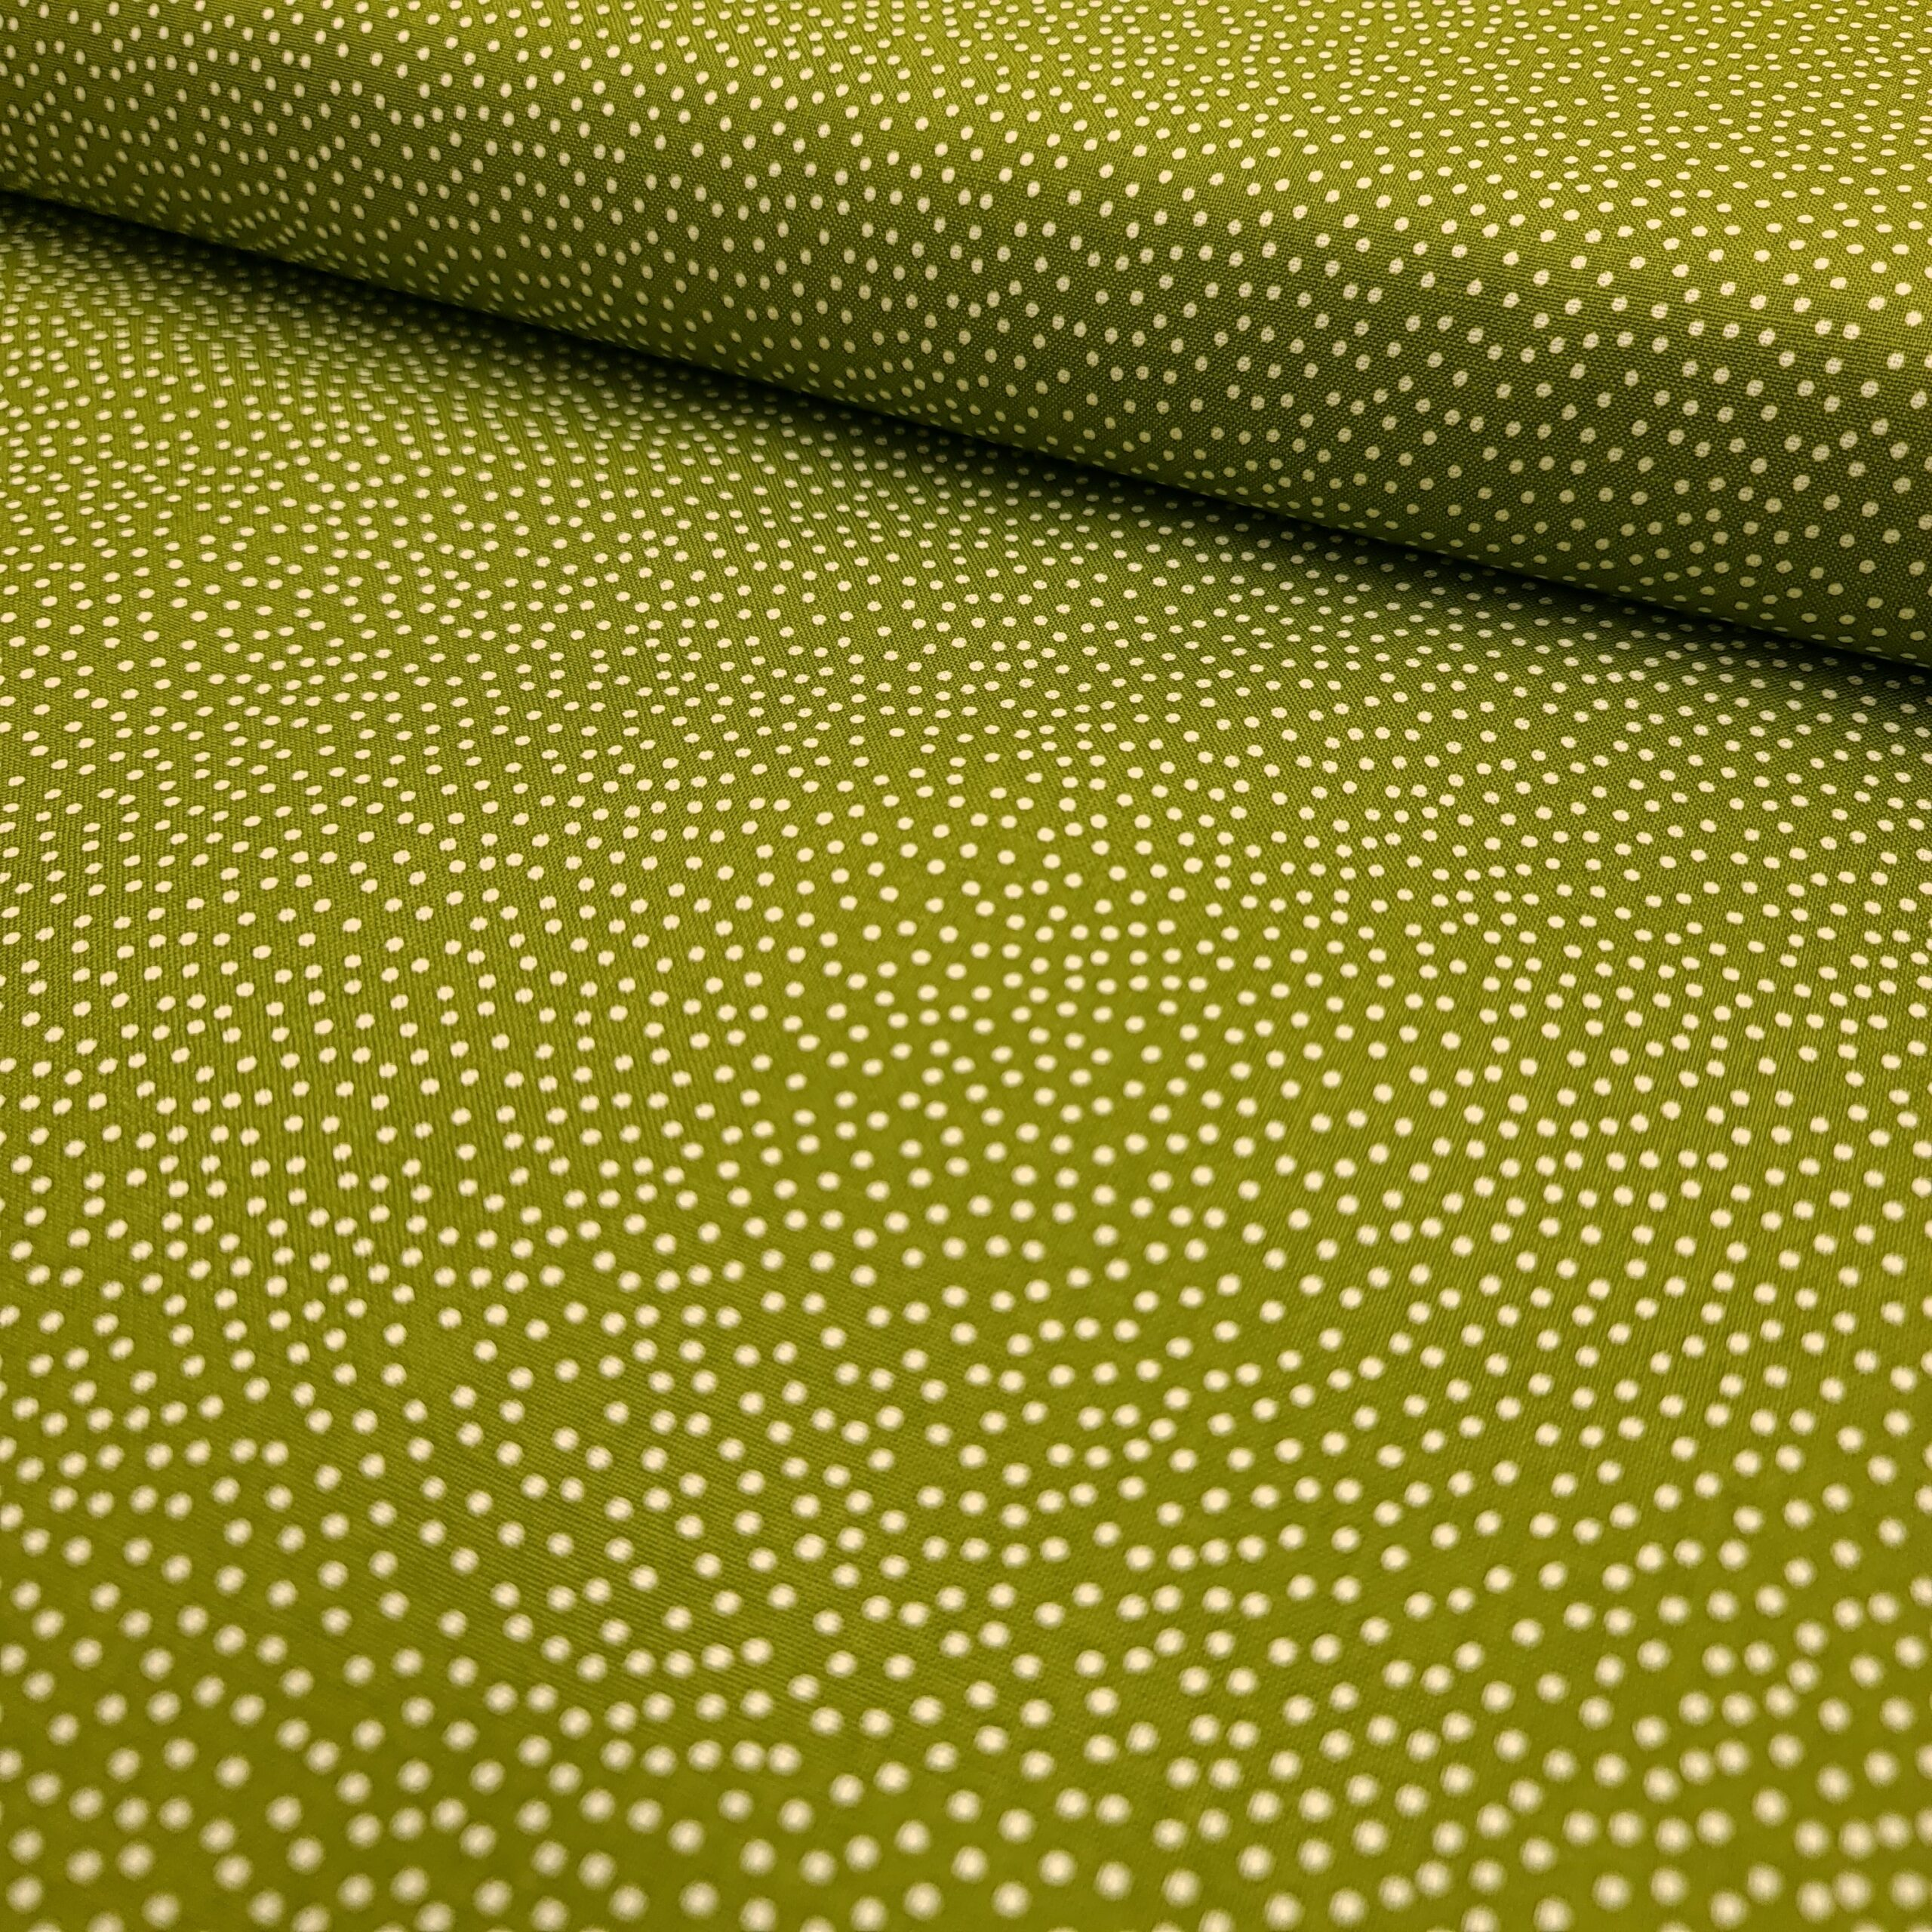 garden pindot punkte baumwolle grün